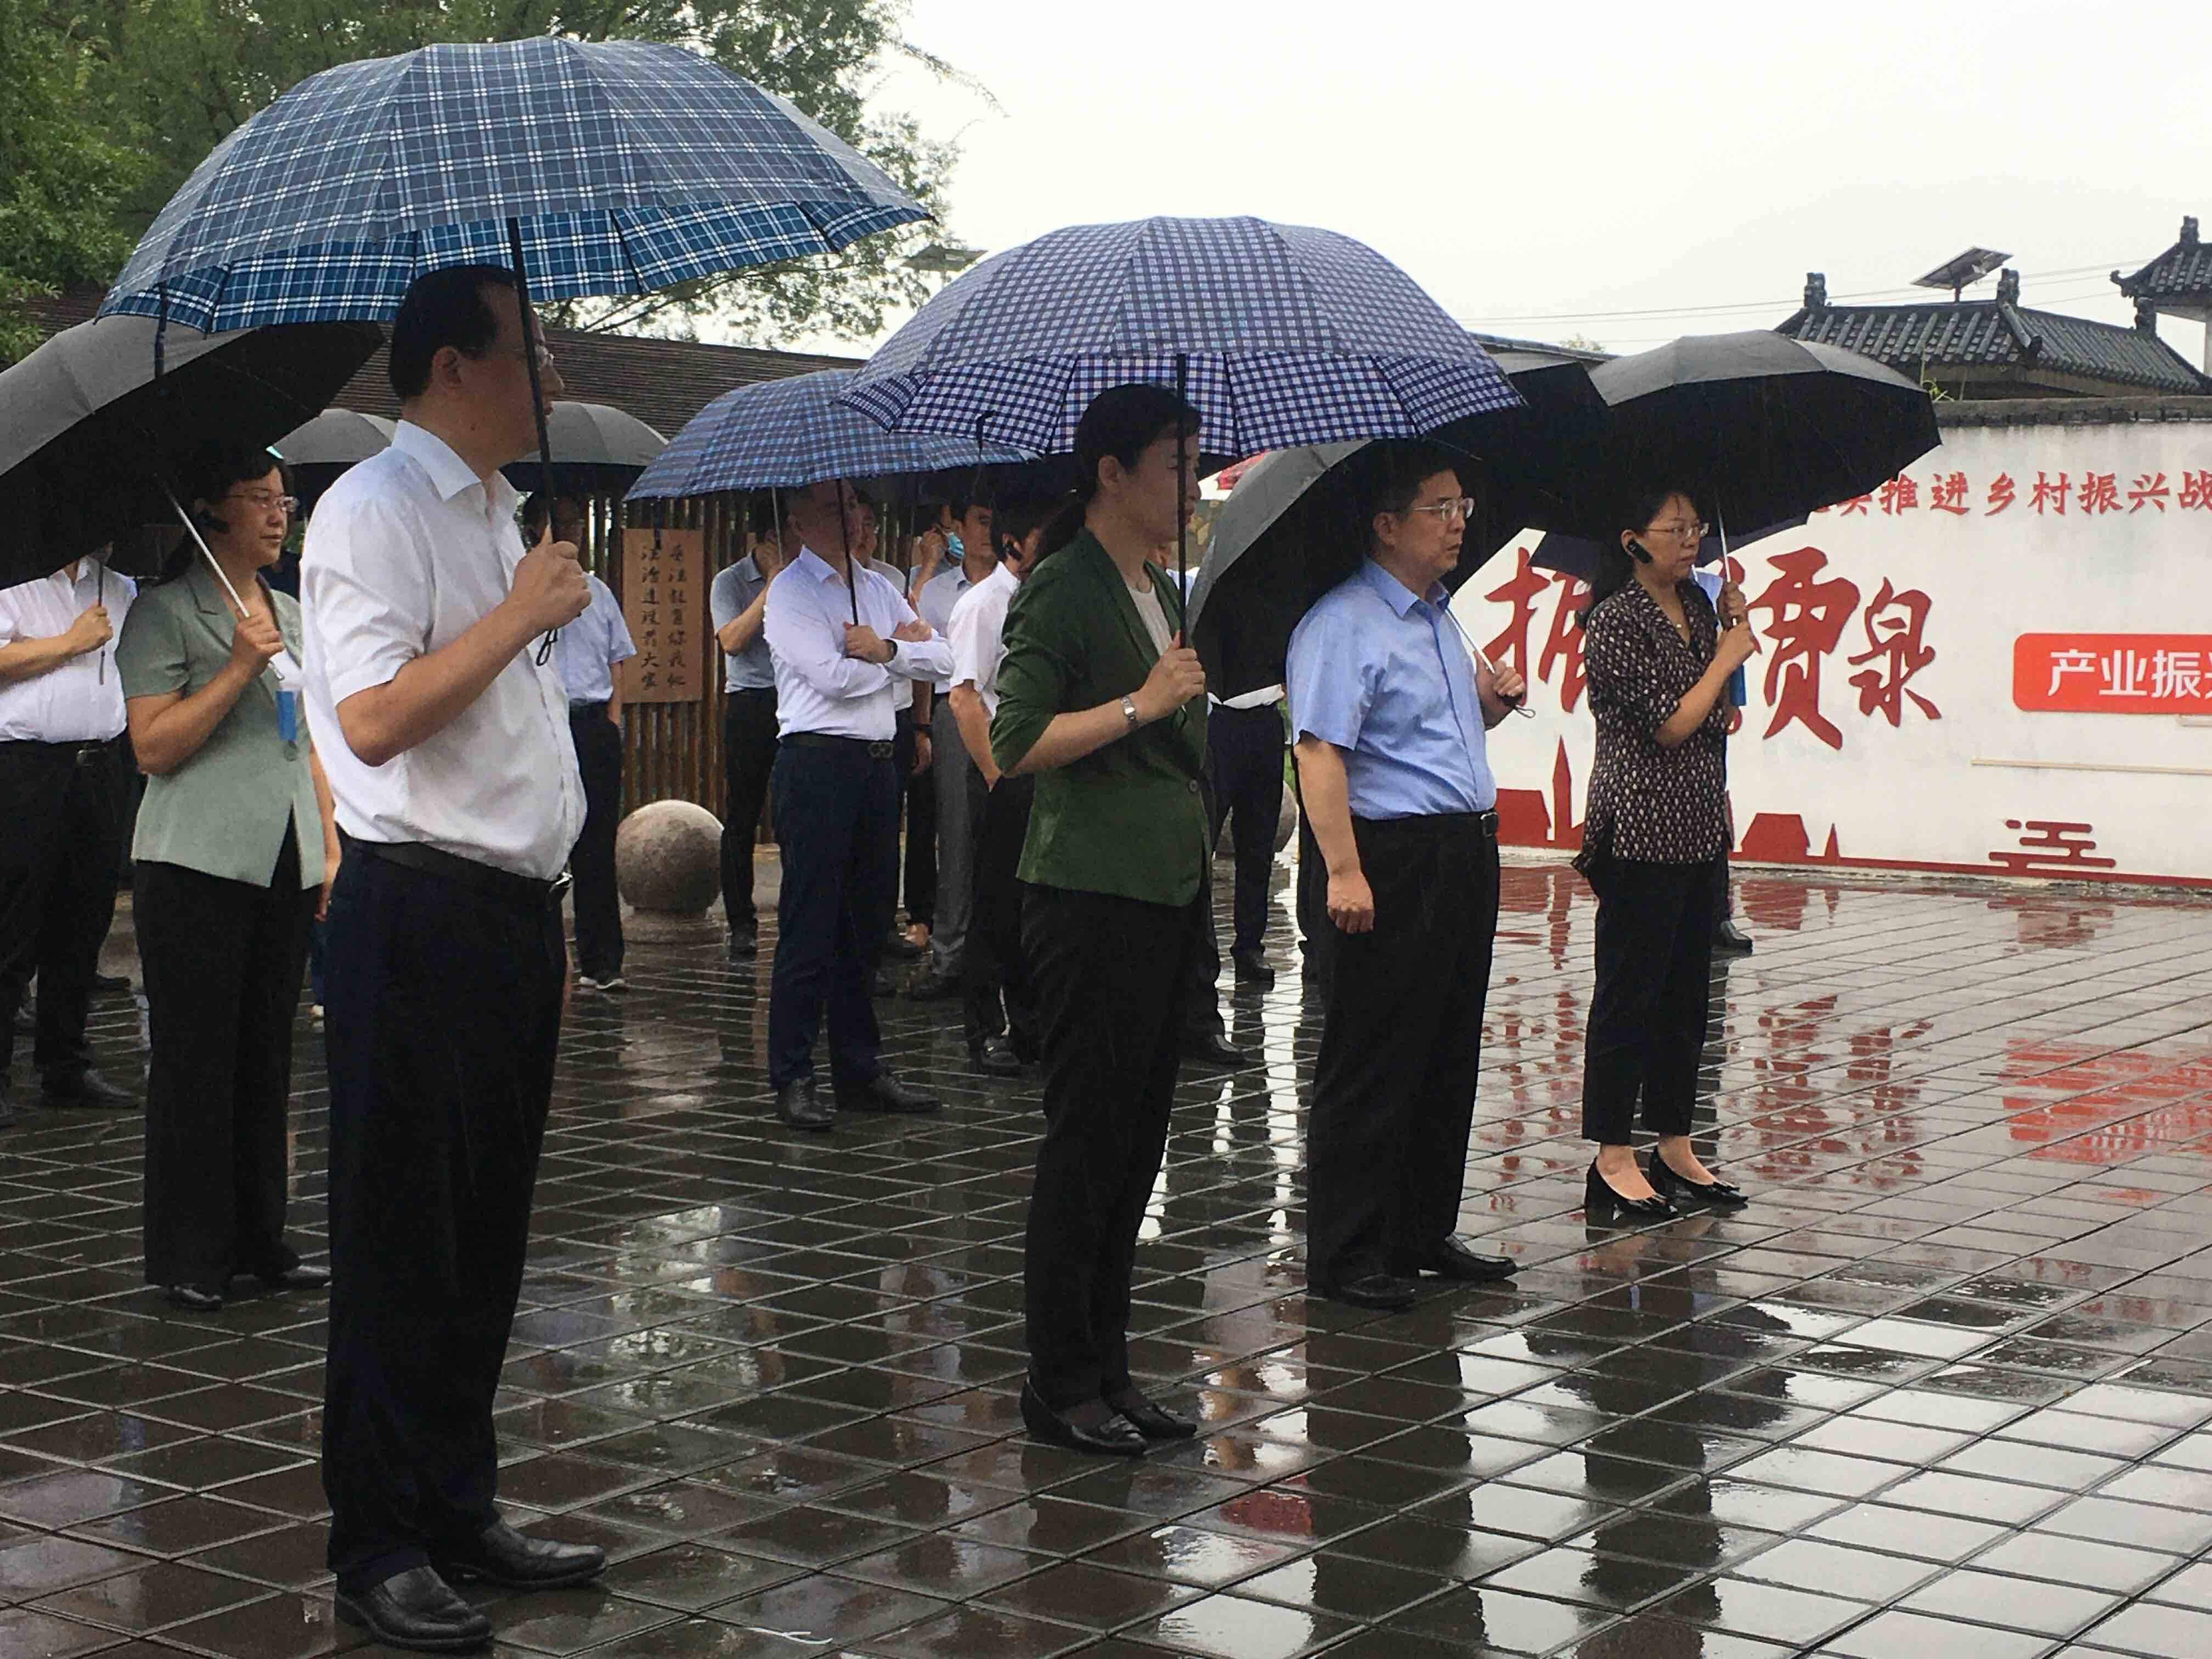 枣庄峄城贾泉村开展公共资源共享让乡村变美变富